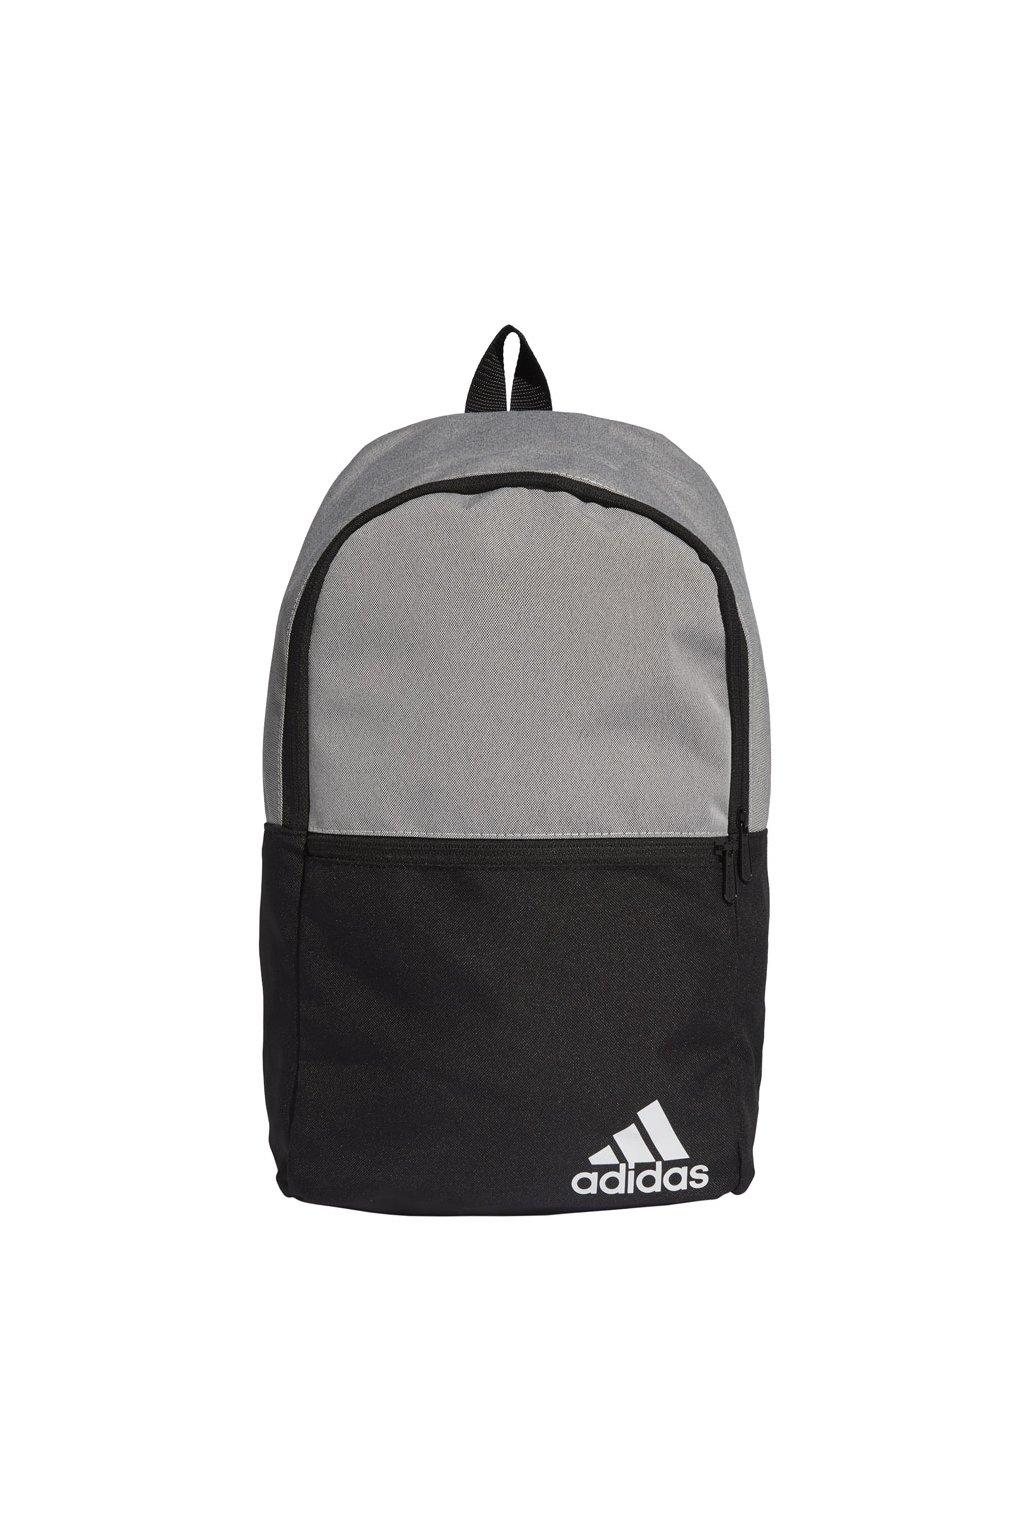 Batoh adidas M E Tpe SwT čierny GE6152